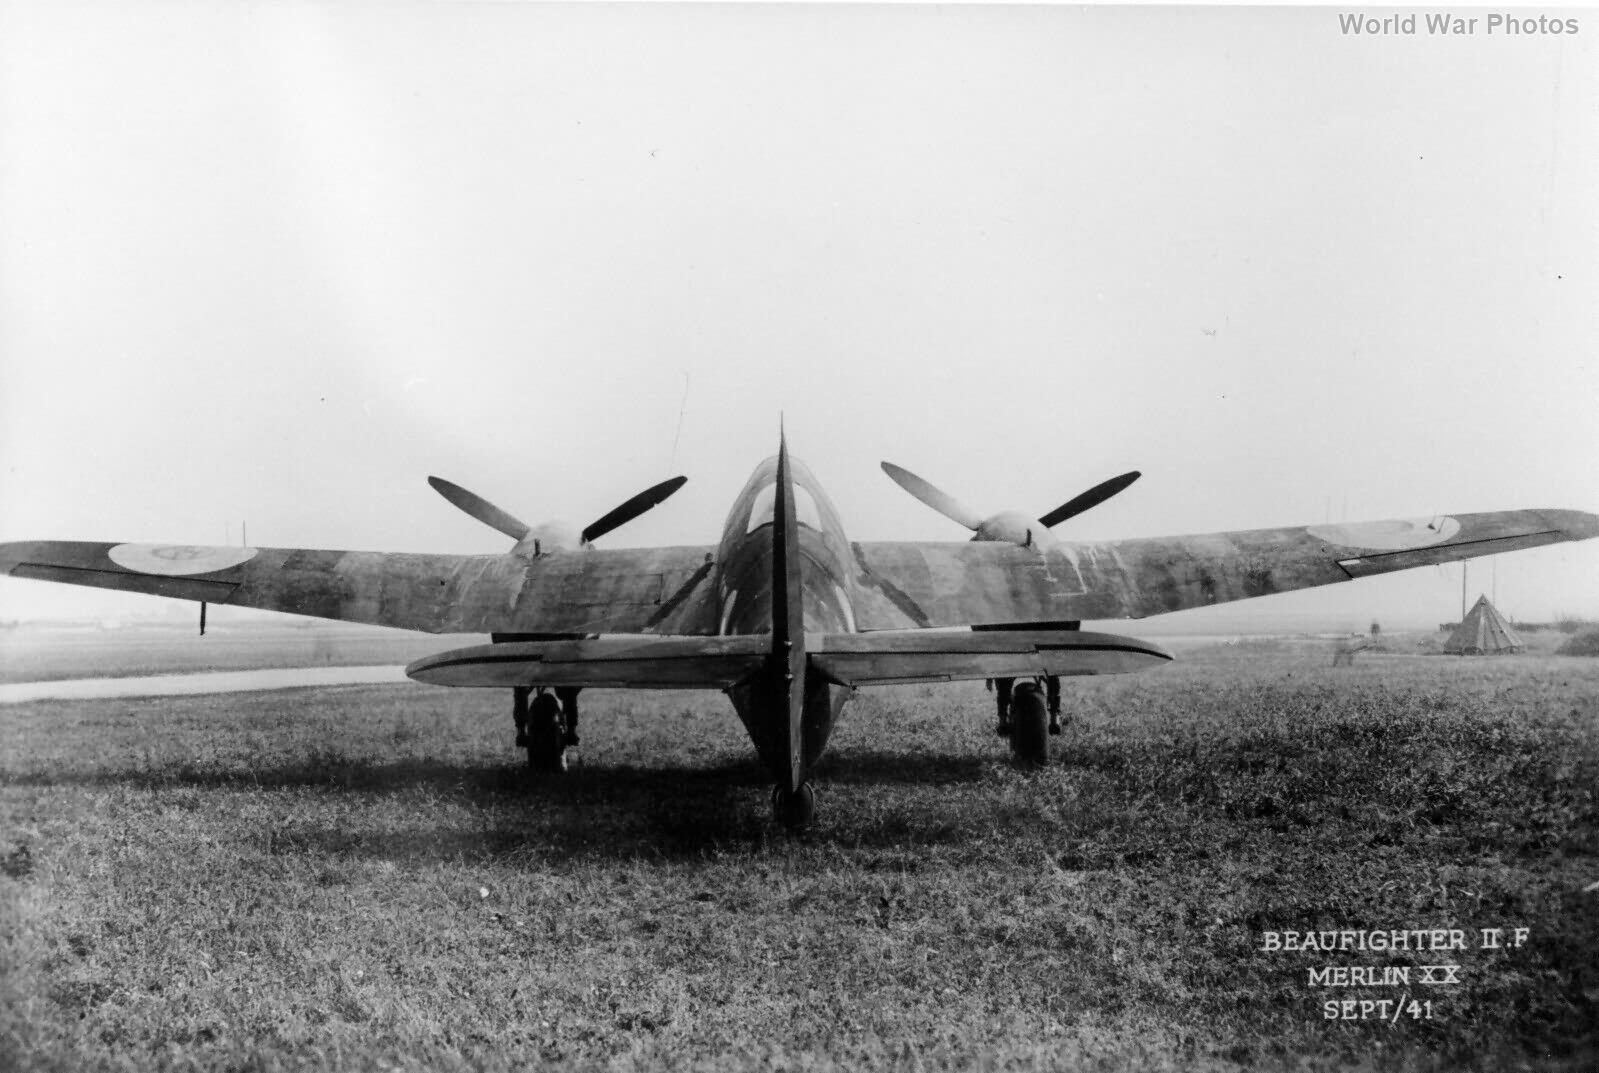 Beaufighter IIf